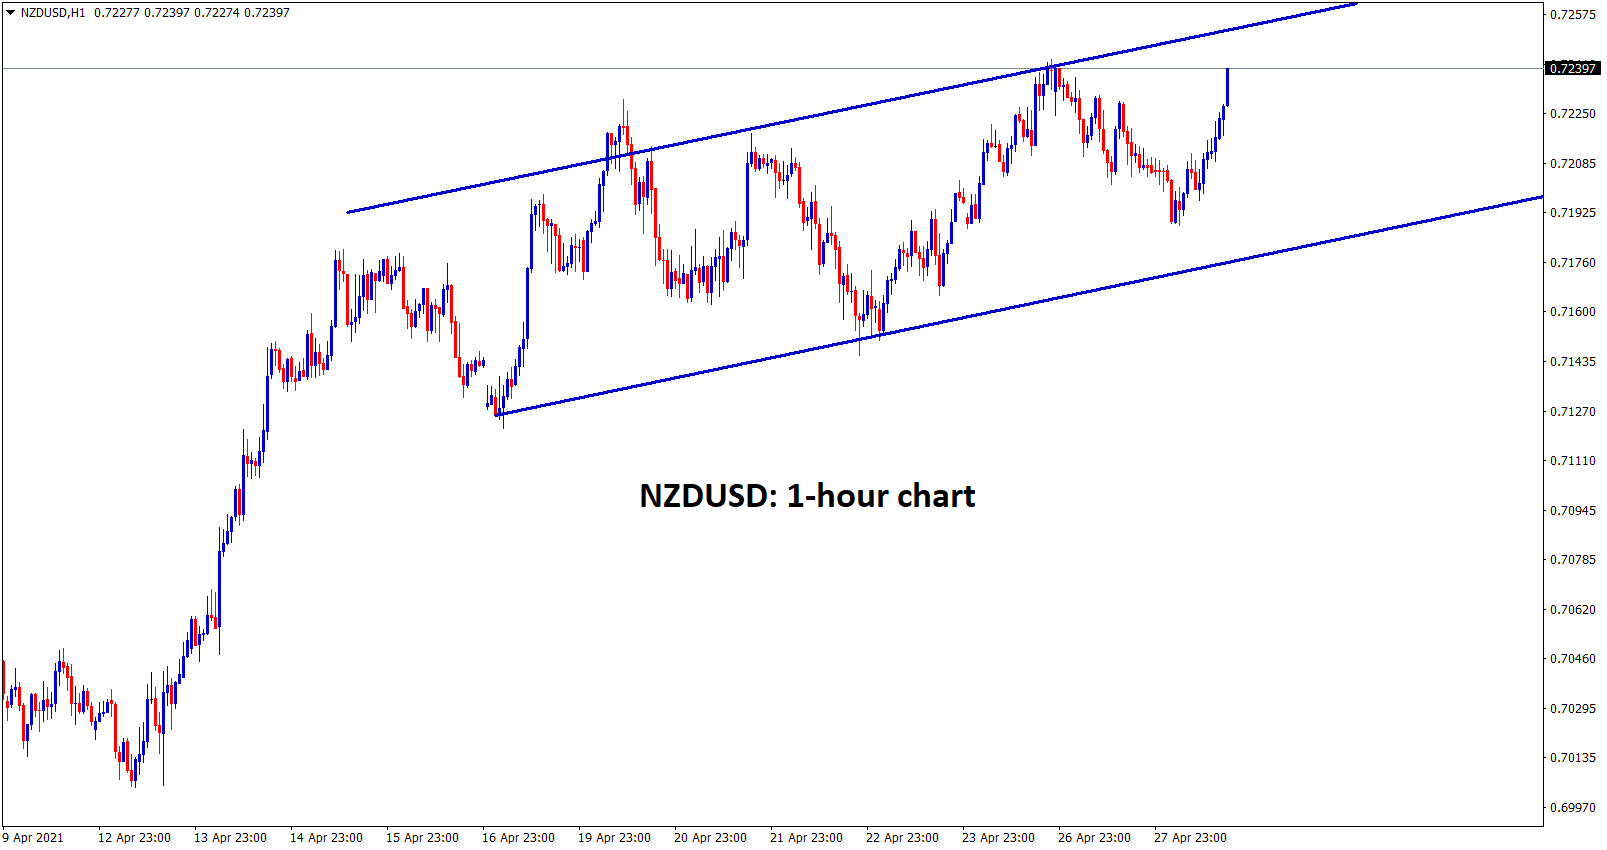 NZDUSD in uptrend movement